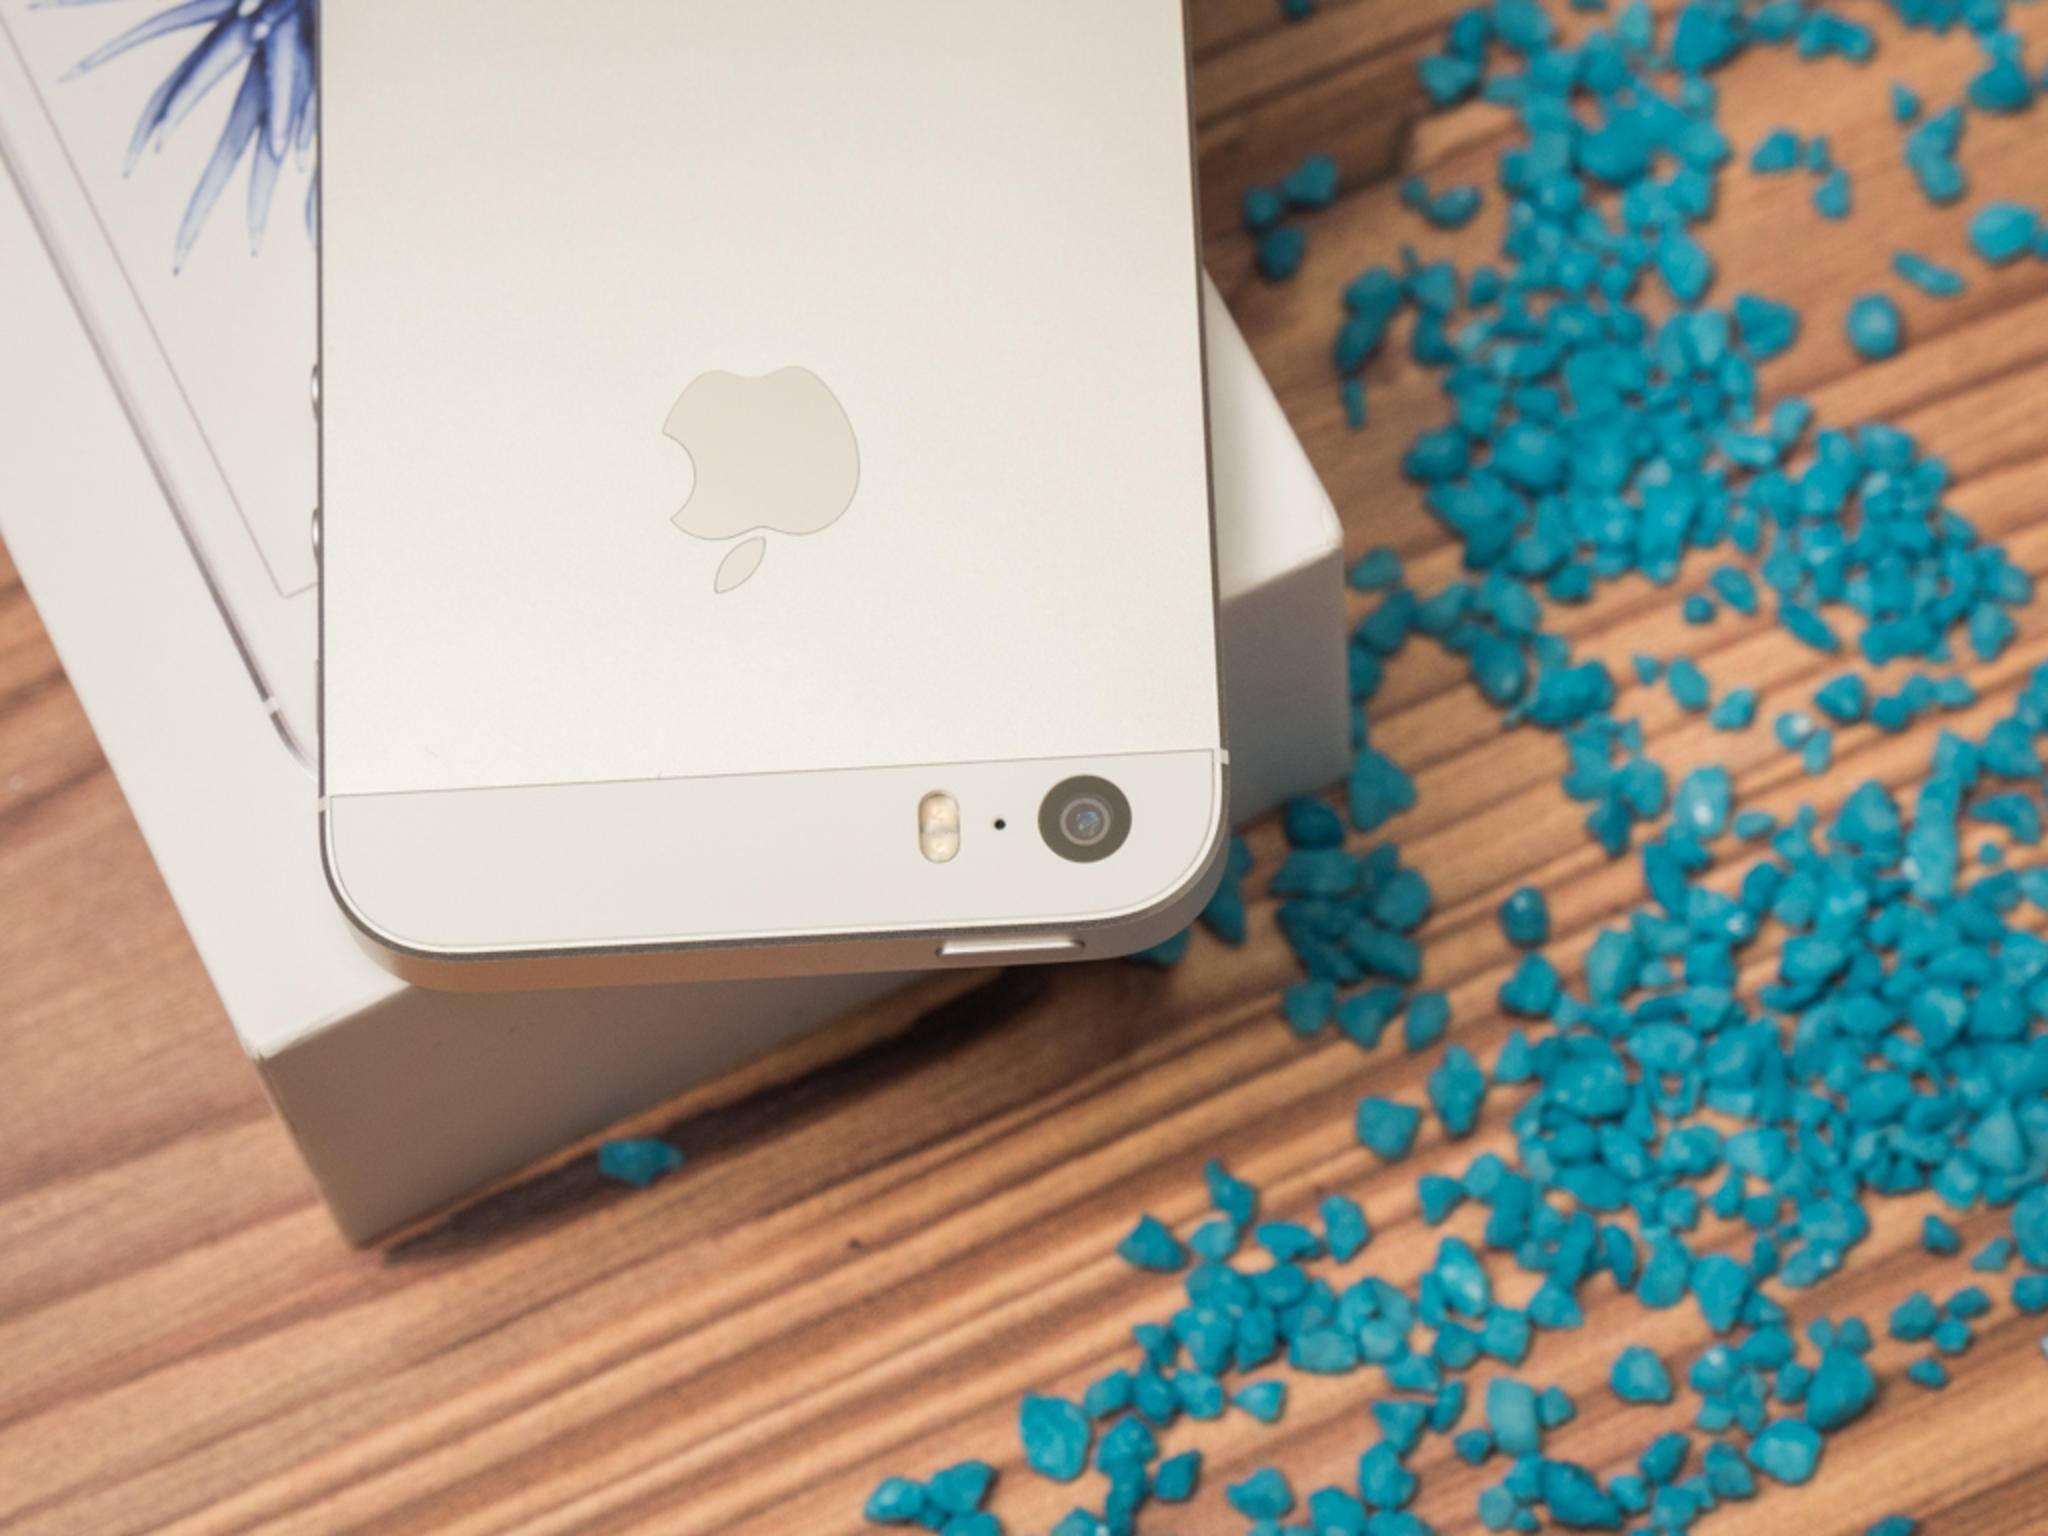 Die Kamera des iPhone SE schießt Bilder mit 12 Megapixeln.